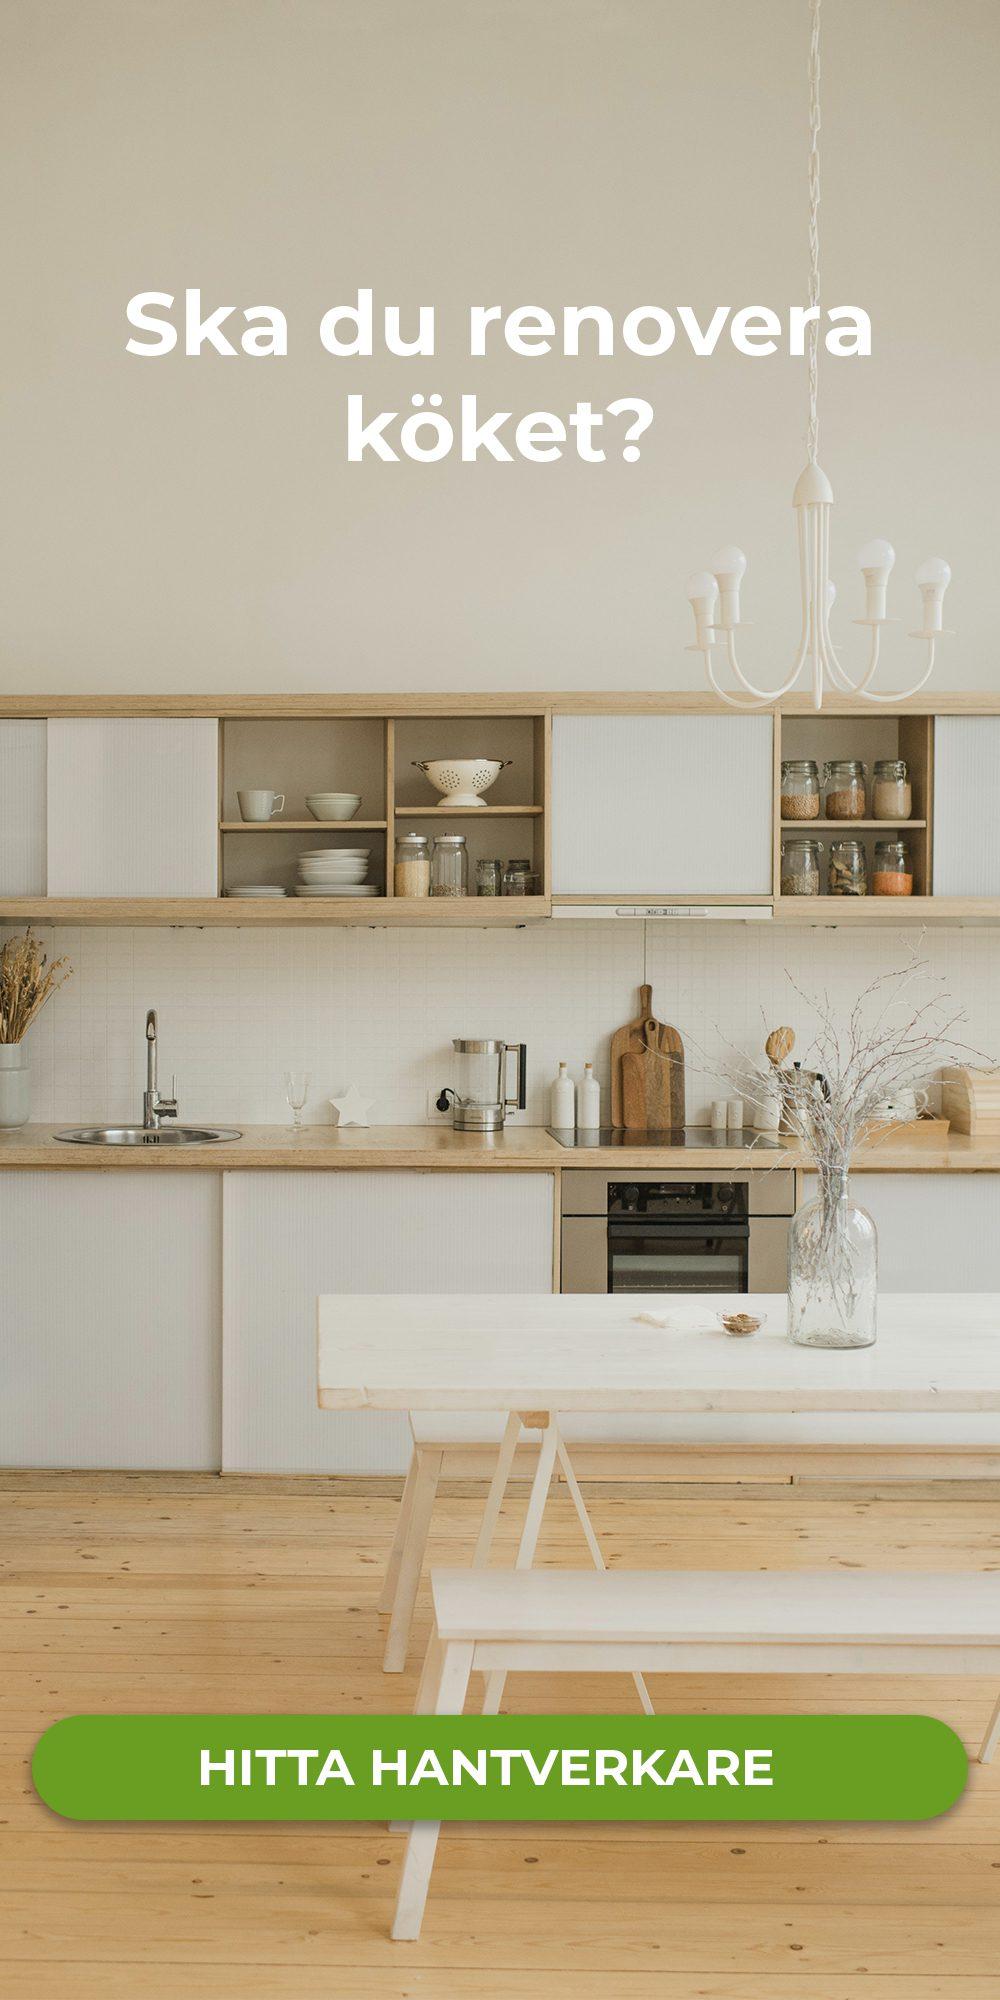 Ska du renovera köket?